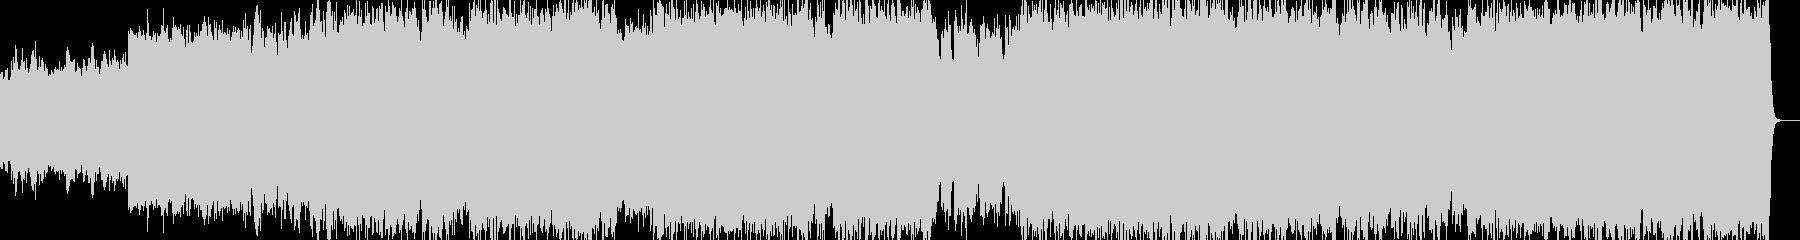 バッハのオルガン曲「小フーガト短調」の未再生の波形